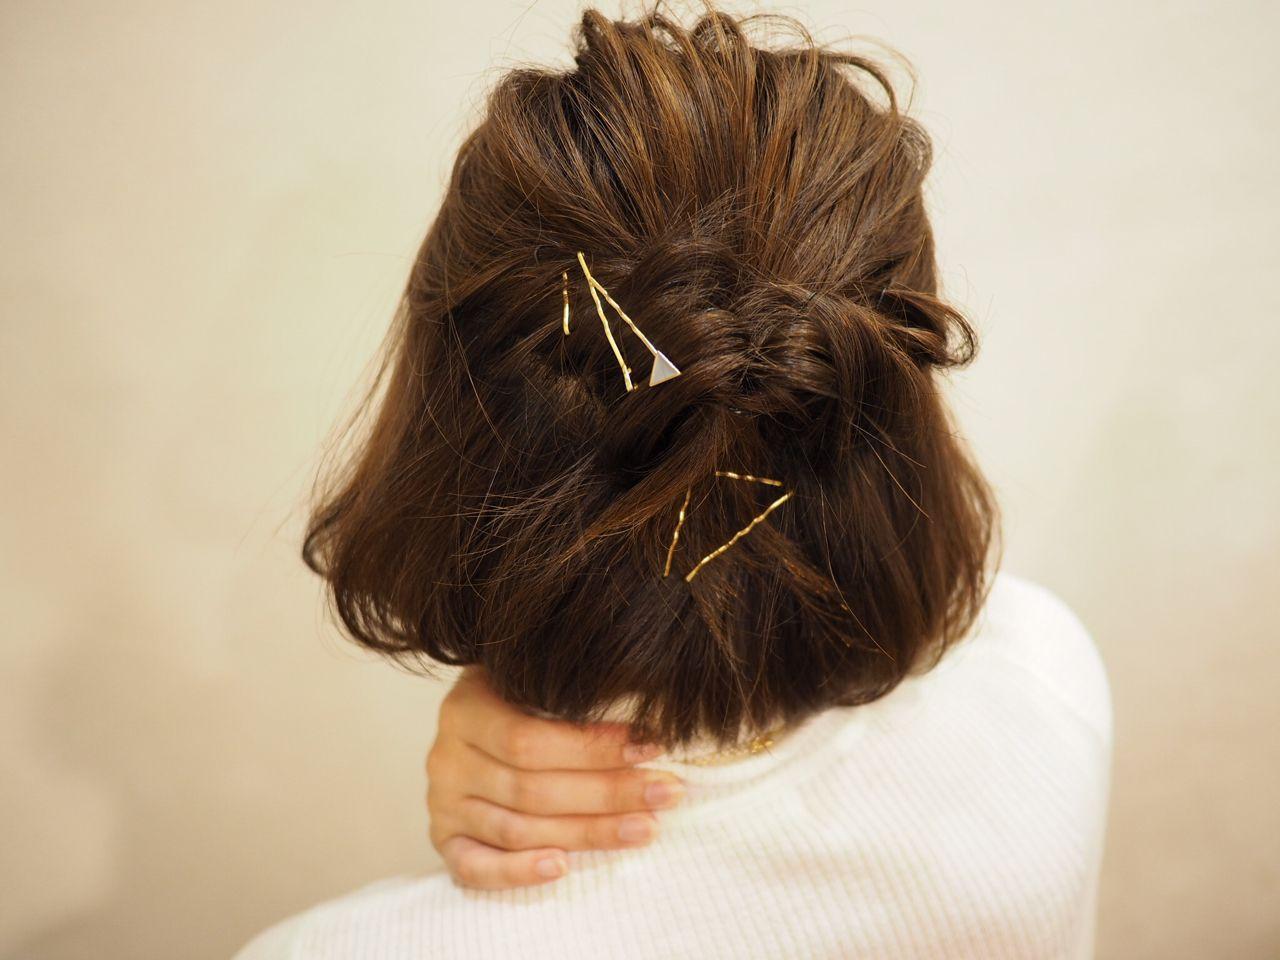 かわいい ボブ ハーフアップ かっこいい ヘアスタイルや髪型の写真・画像